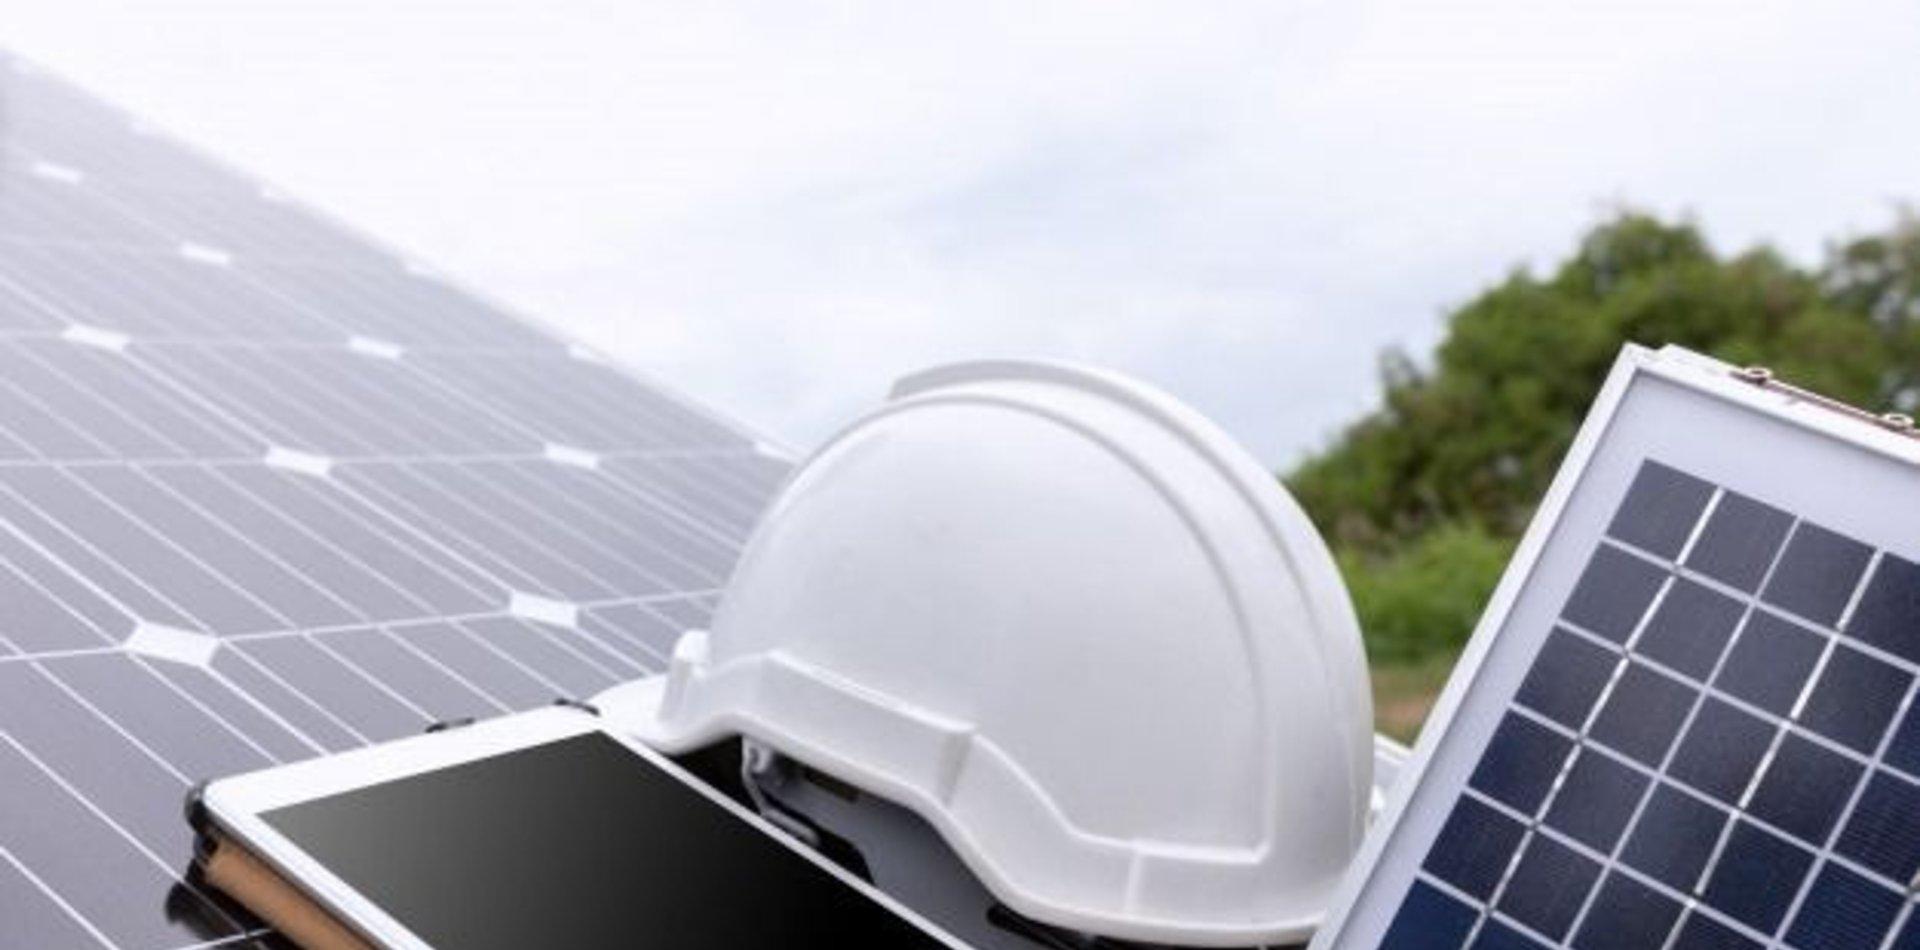 Ingenieros de la UNLP logran optimizar el rendimiento de paneles solares